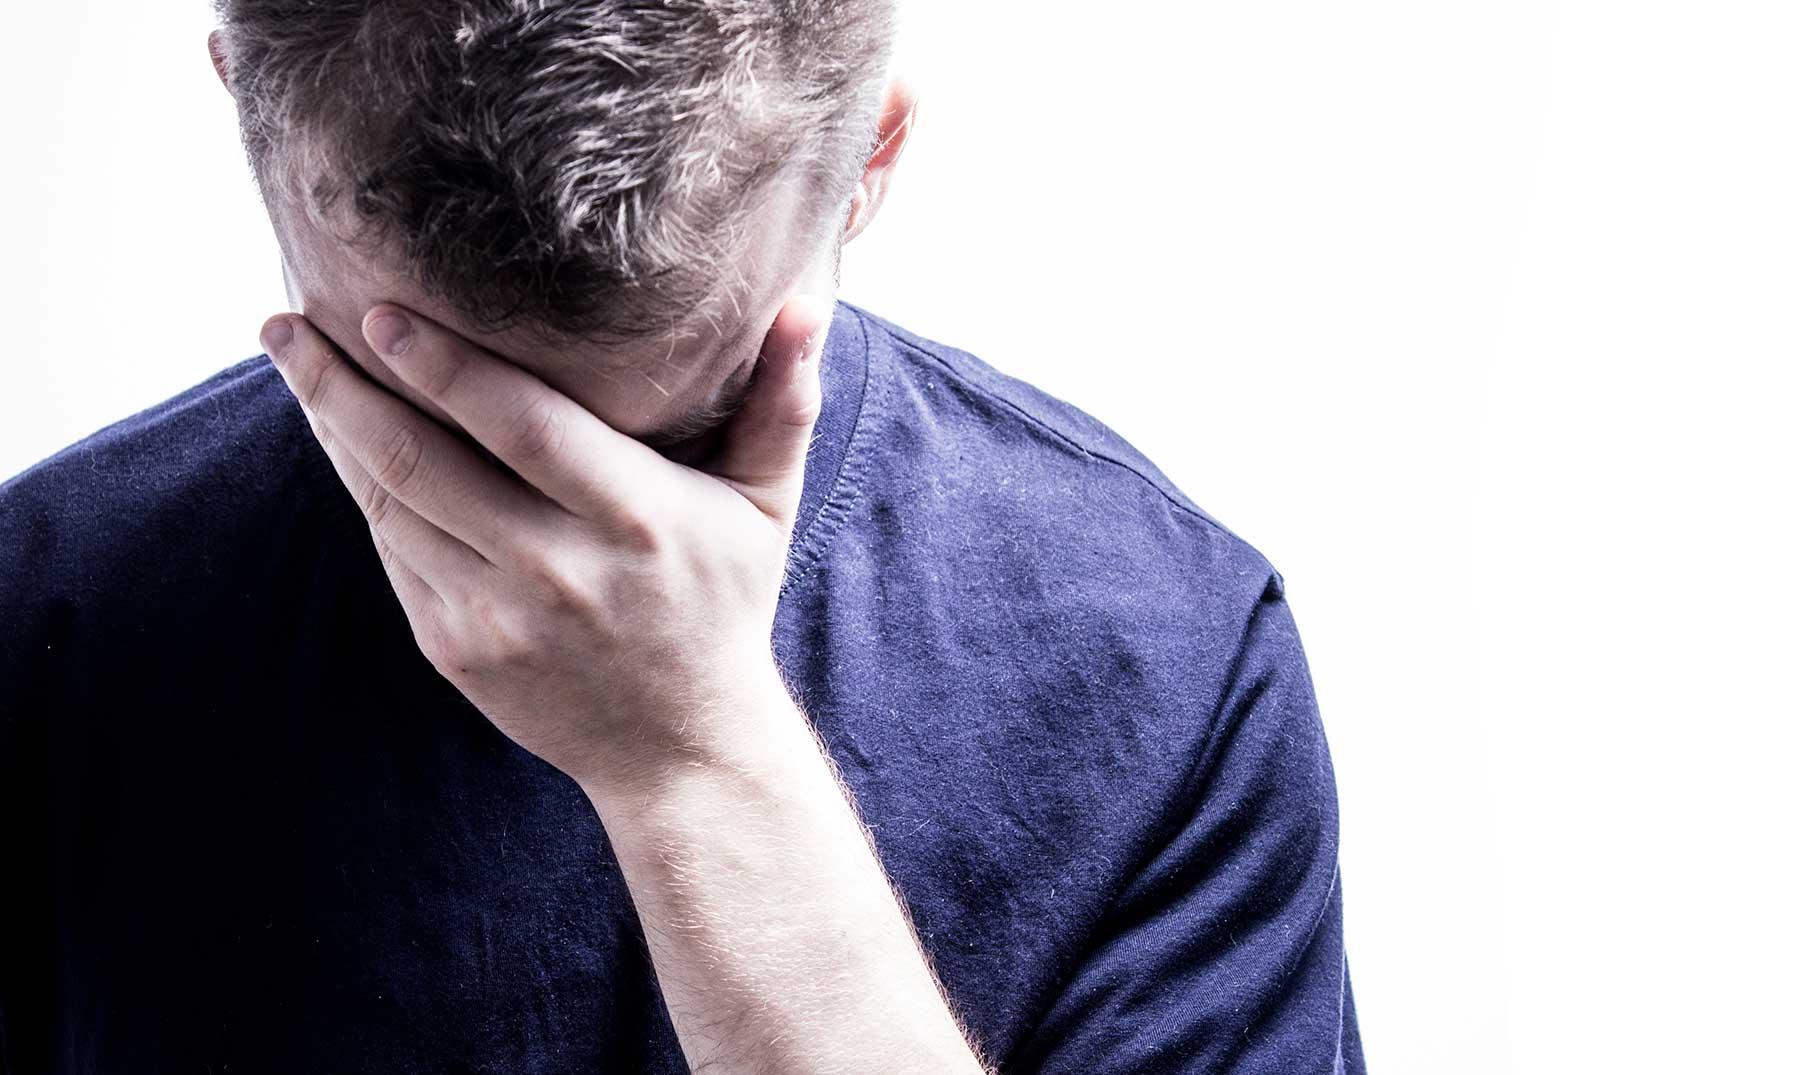 130 Frases De Impotencia Para Tolerar Esta Frustración